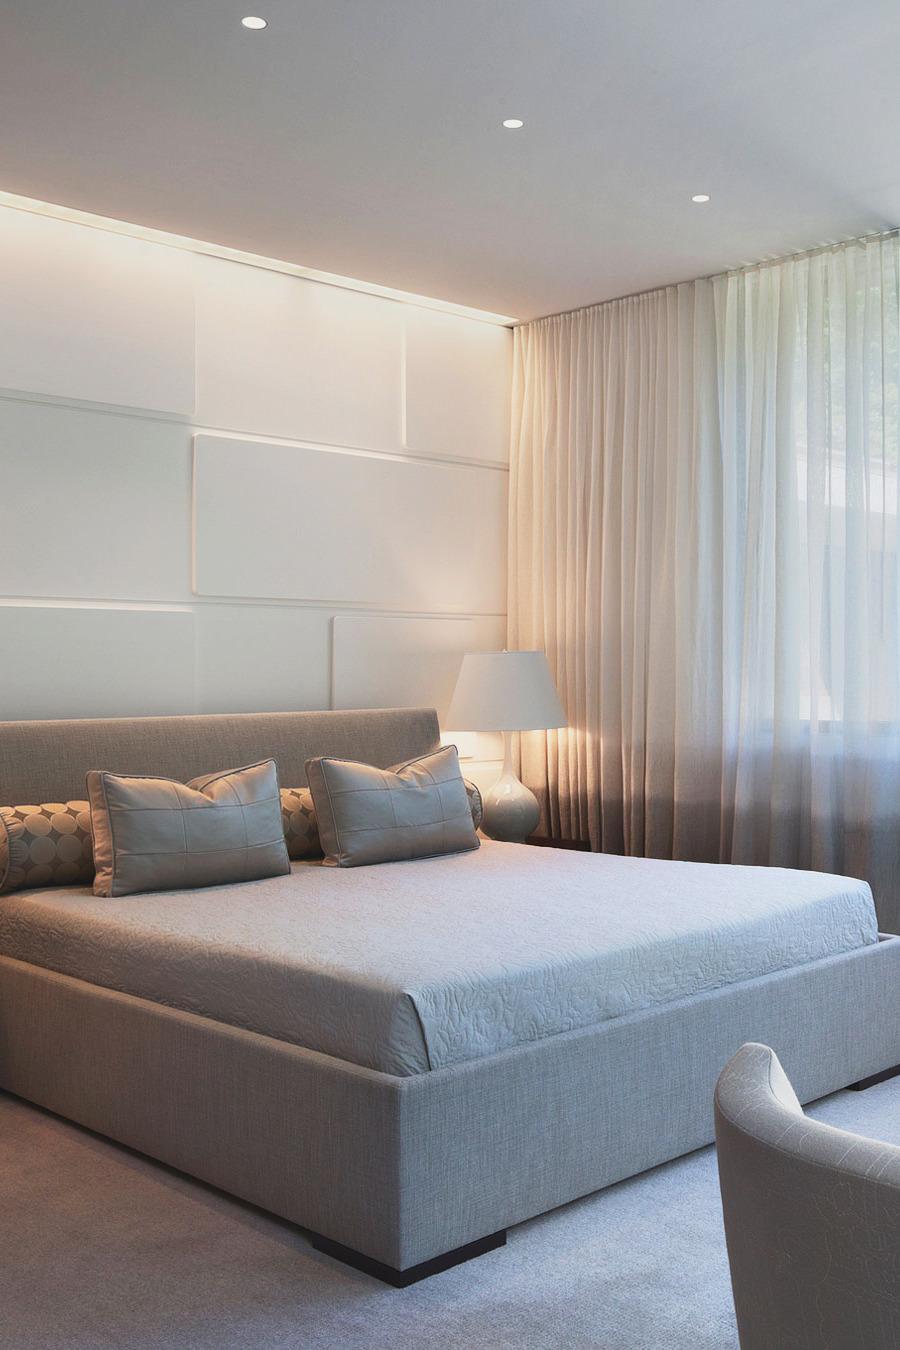 Trova una vasta selezione di lampadari moderni camera da letto a prezzi vantaggiosi su ebay. Illuminazione Camera Da Letto Guida 25 Idee Per Illuminare Al Meglio Camere Da Letto Moderne Start Preventivi